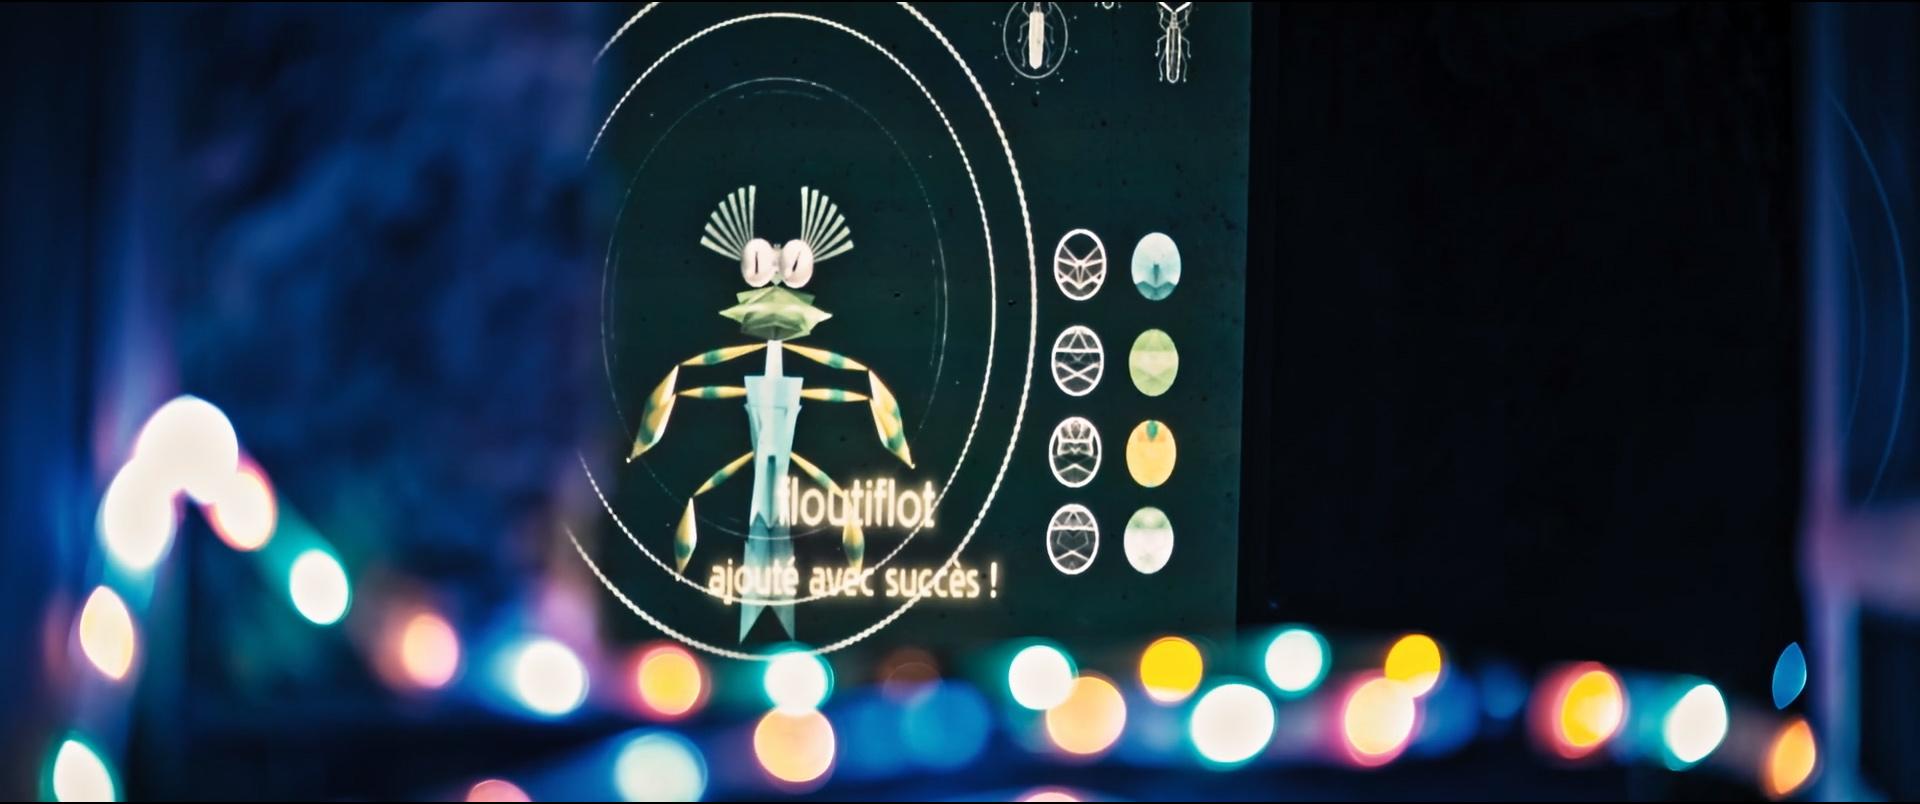 superbug5.jpg